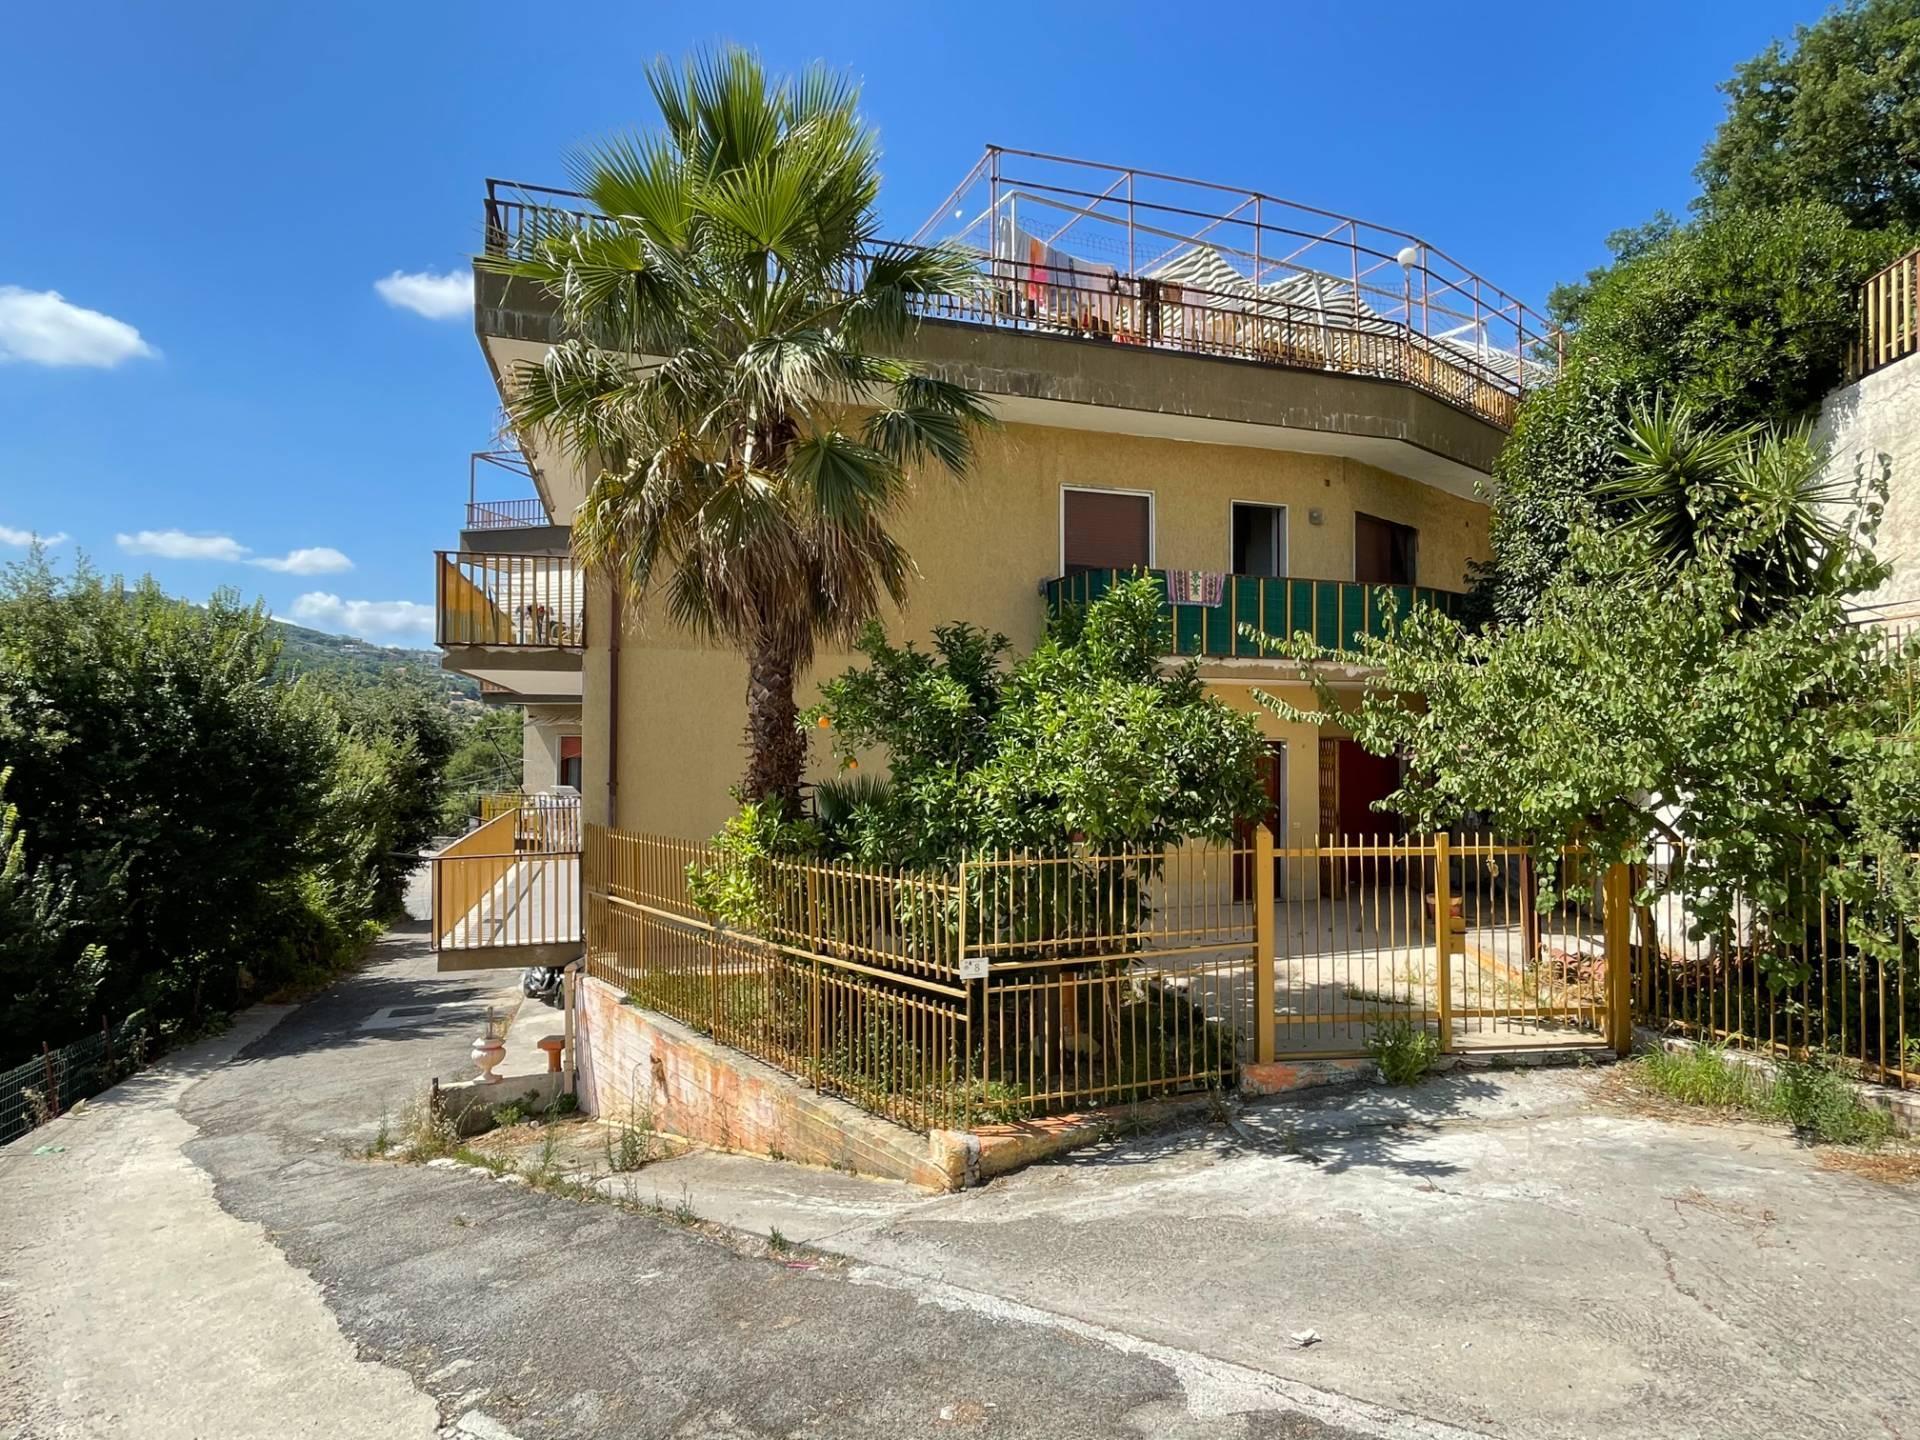 Appartamento in vendita a Agropoli, 6 locali, prezzo € 190.000 | CambioCasa.it